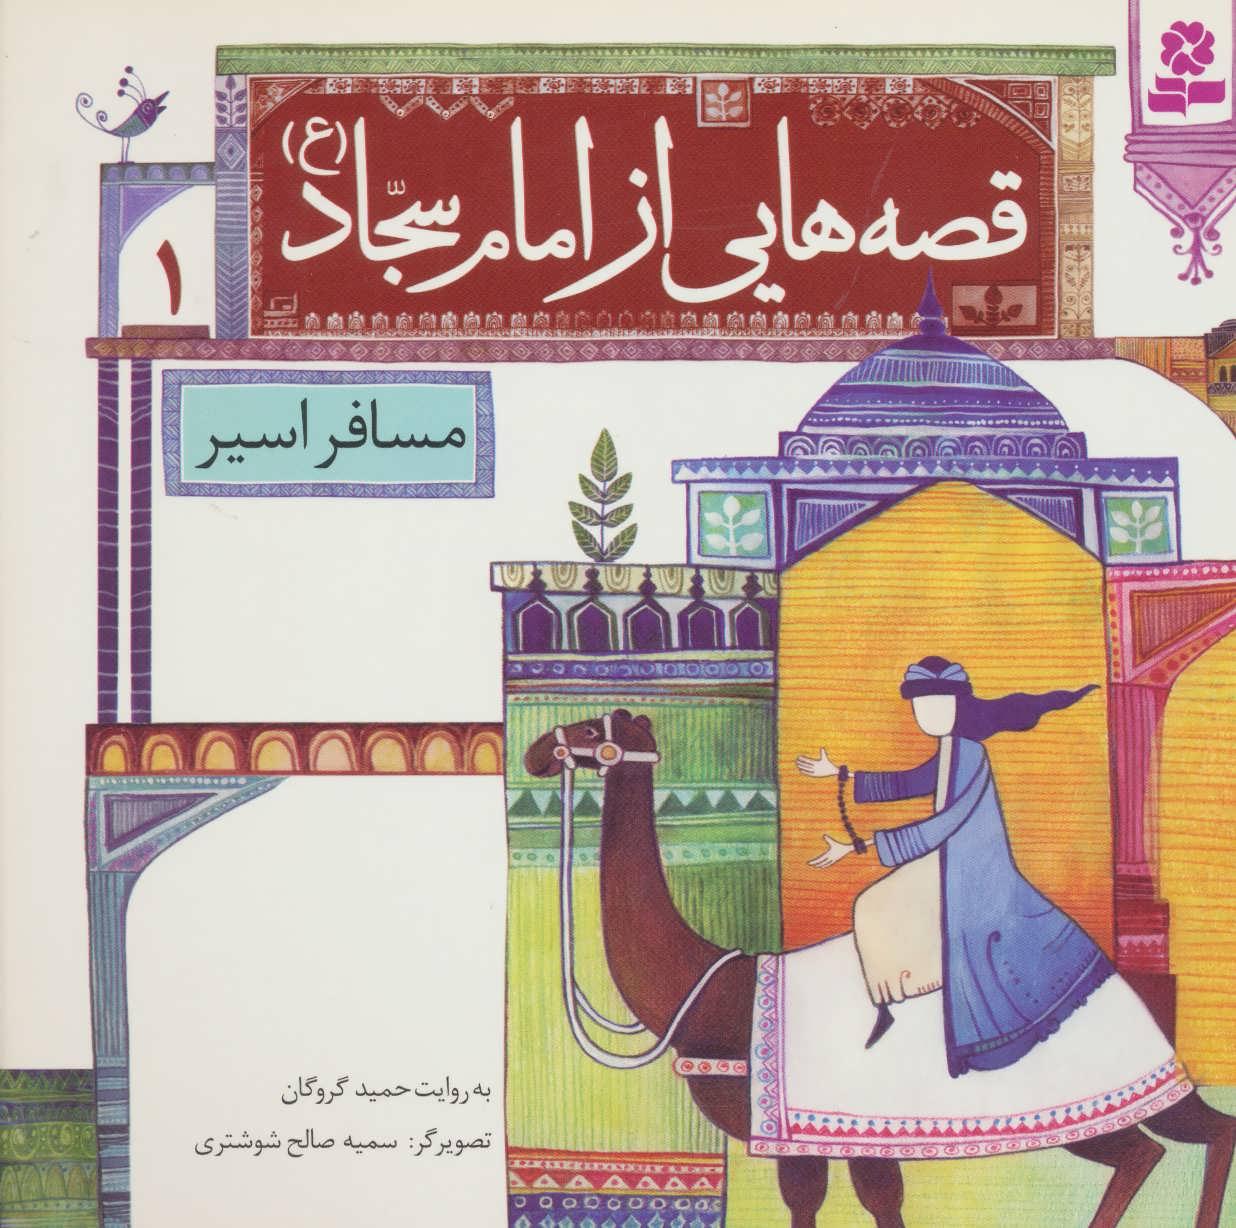 قصه هايي از امام سجاد (ع) 1 (مسافر اسير)،(گلاسه)